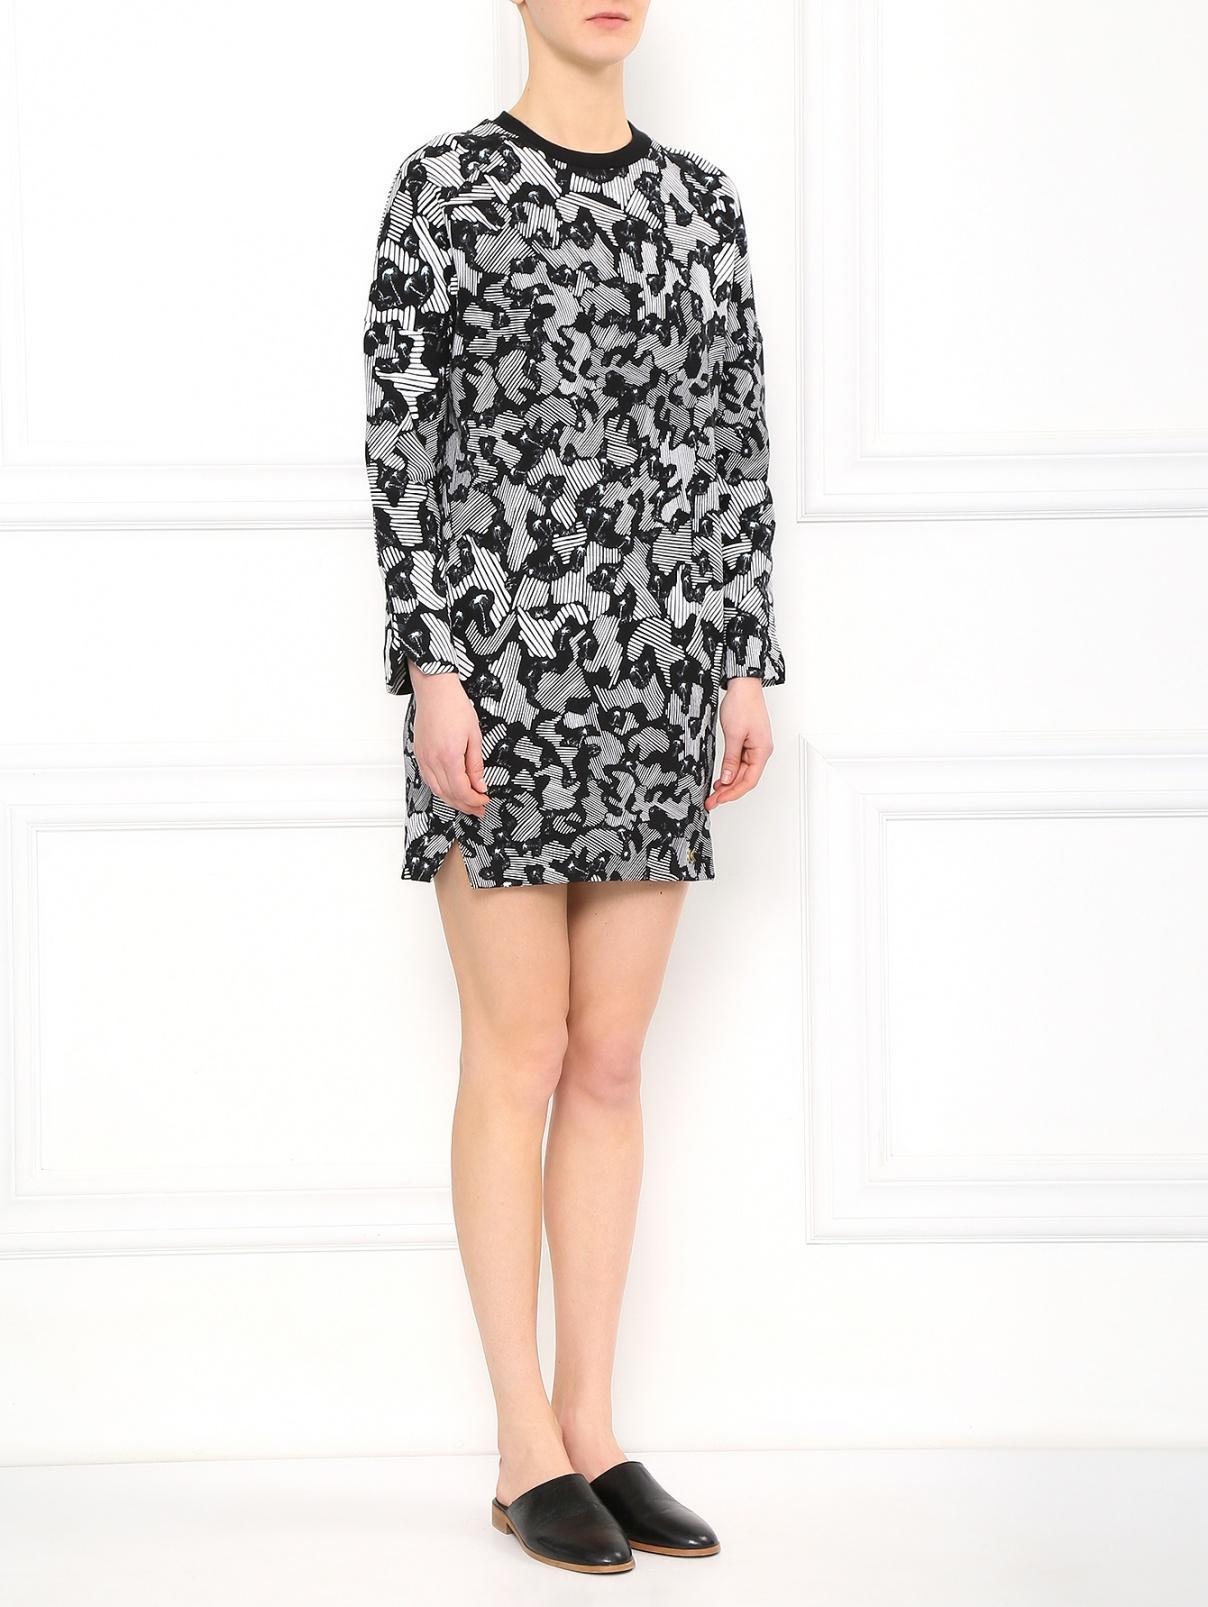 Платье-мини из хлопка свободного фасона с узором Kenzo  –  Модель Общий вид